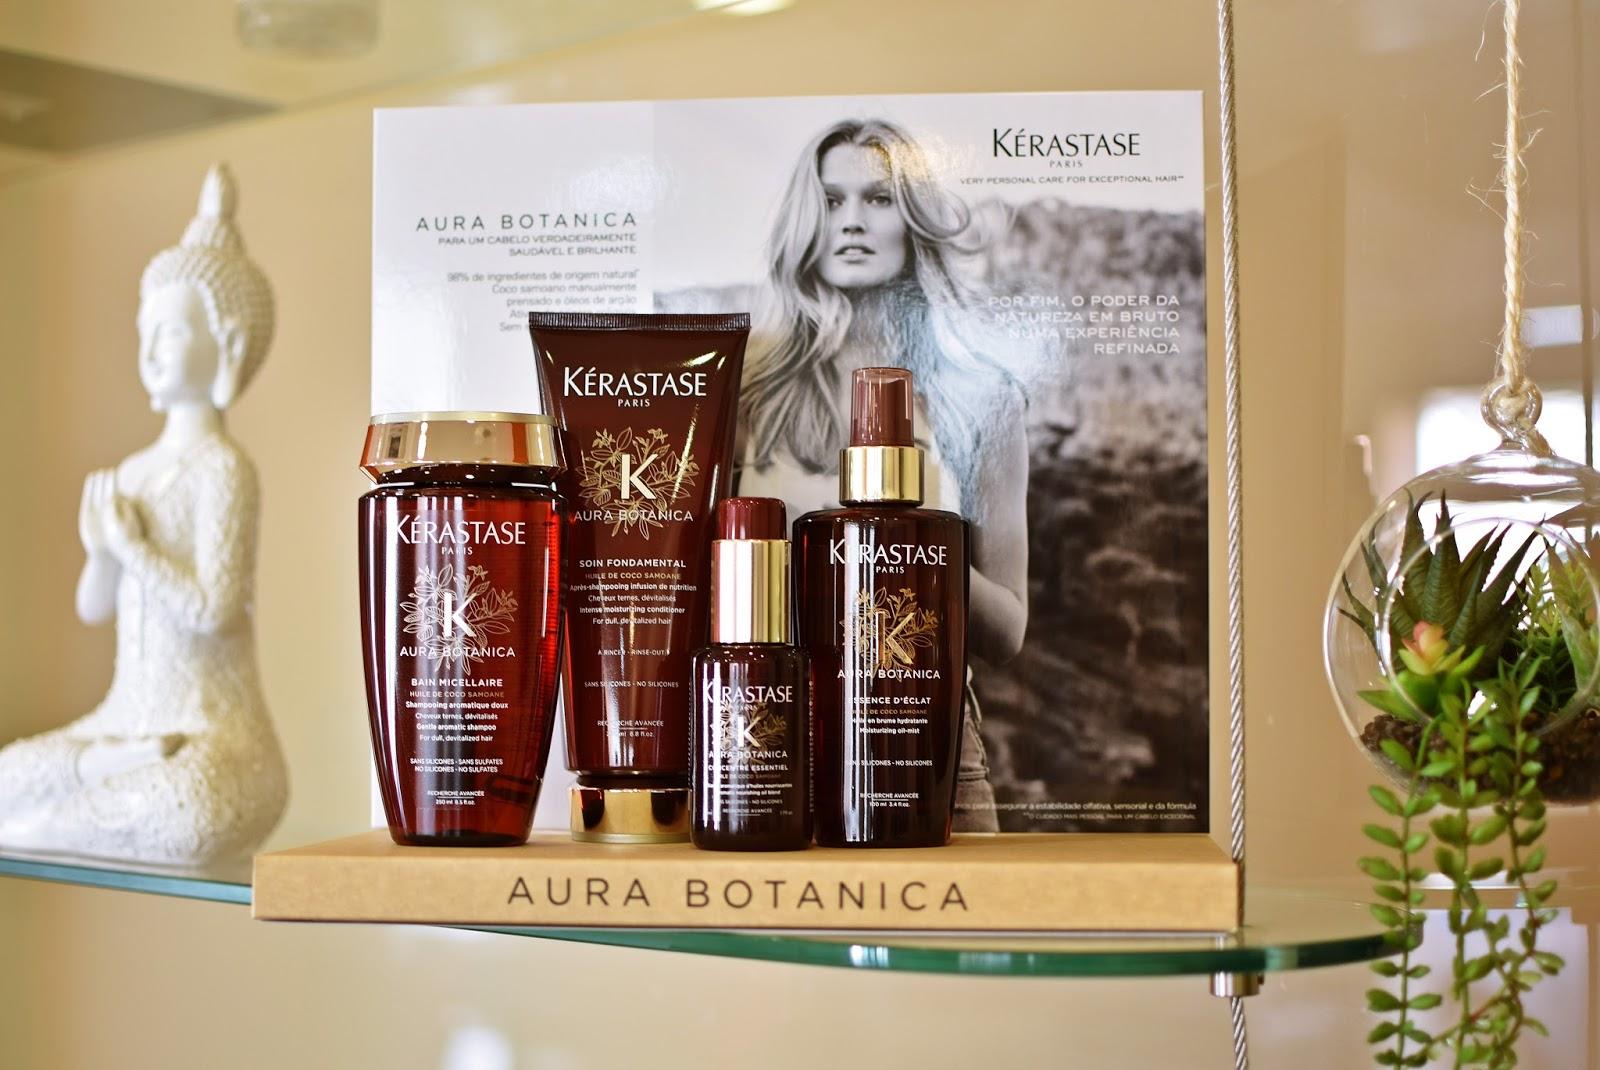 Aura Botanica - A nova gama top e natural da Kérastase